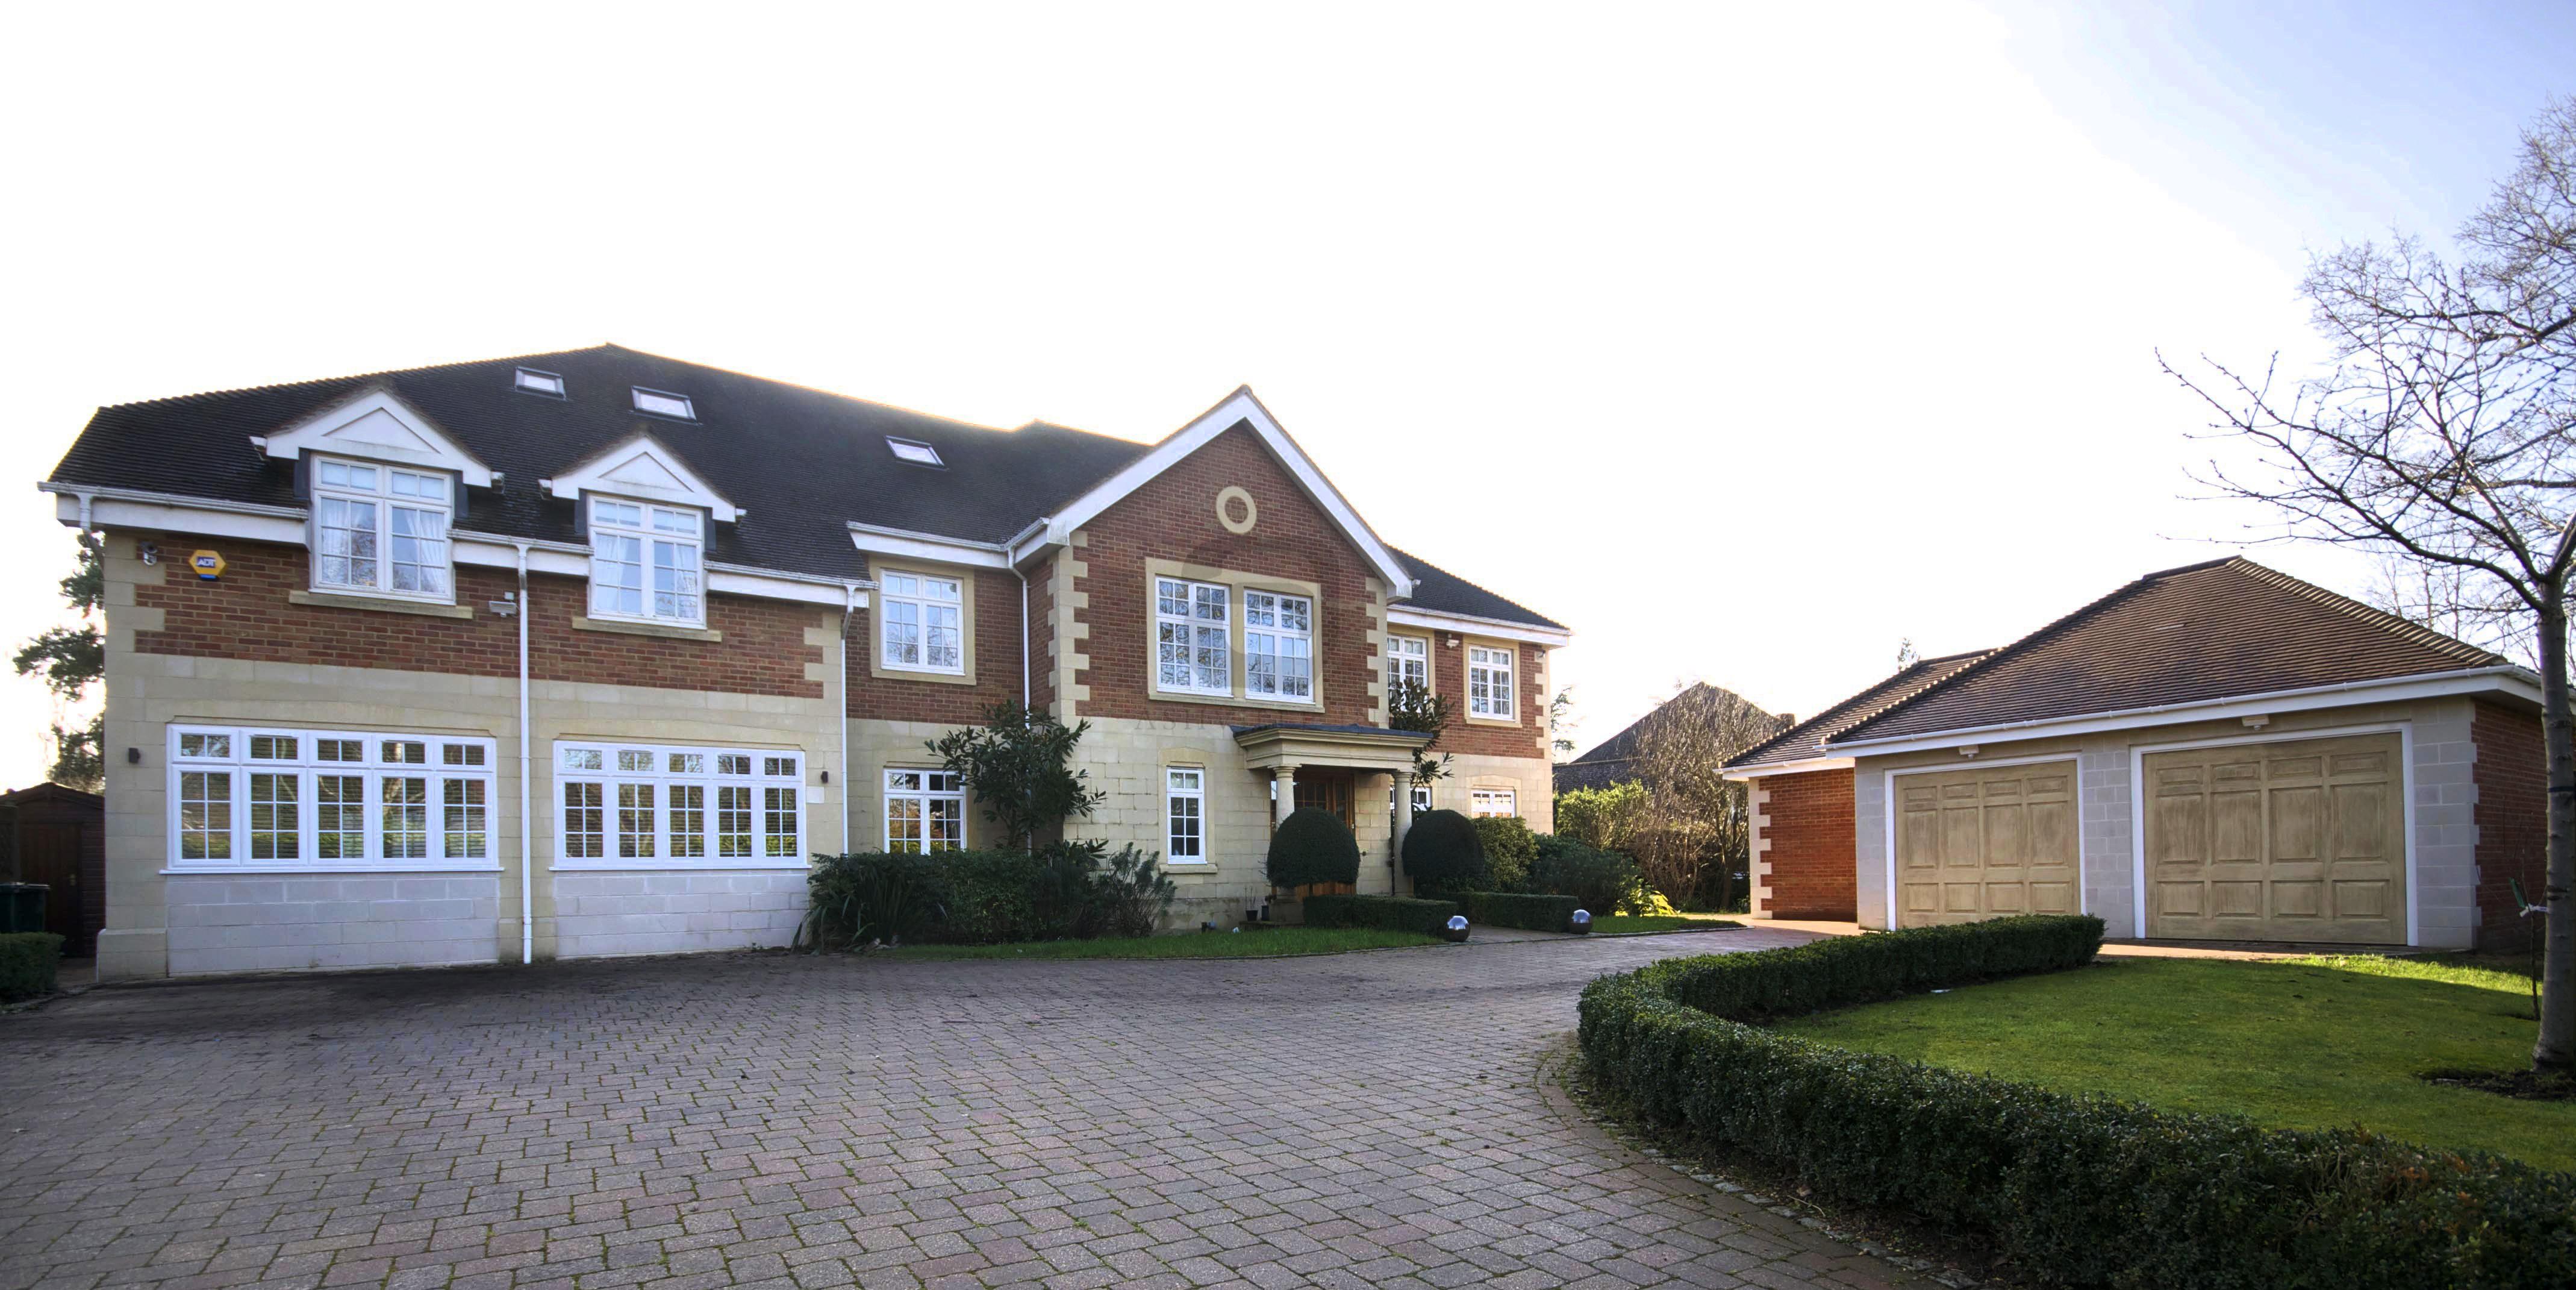 New Builds Surrey - Ashville Inc